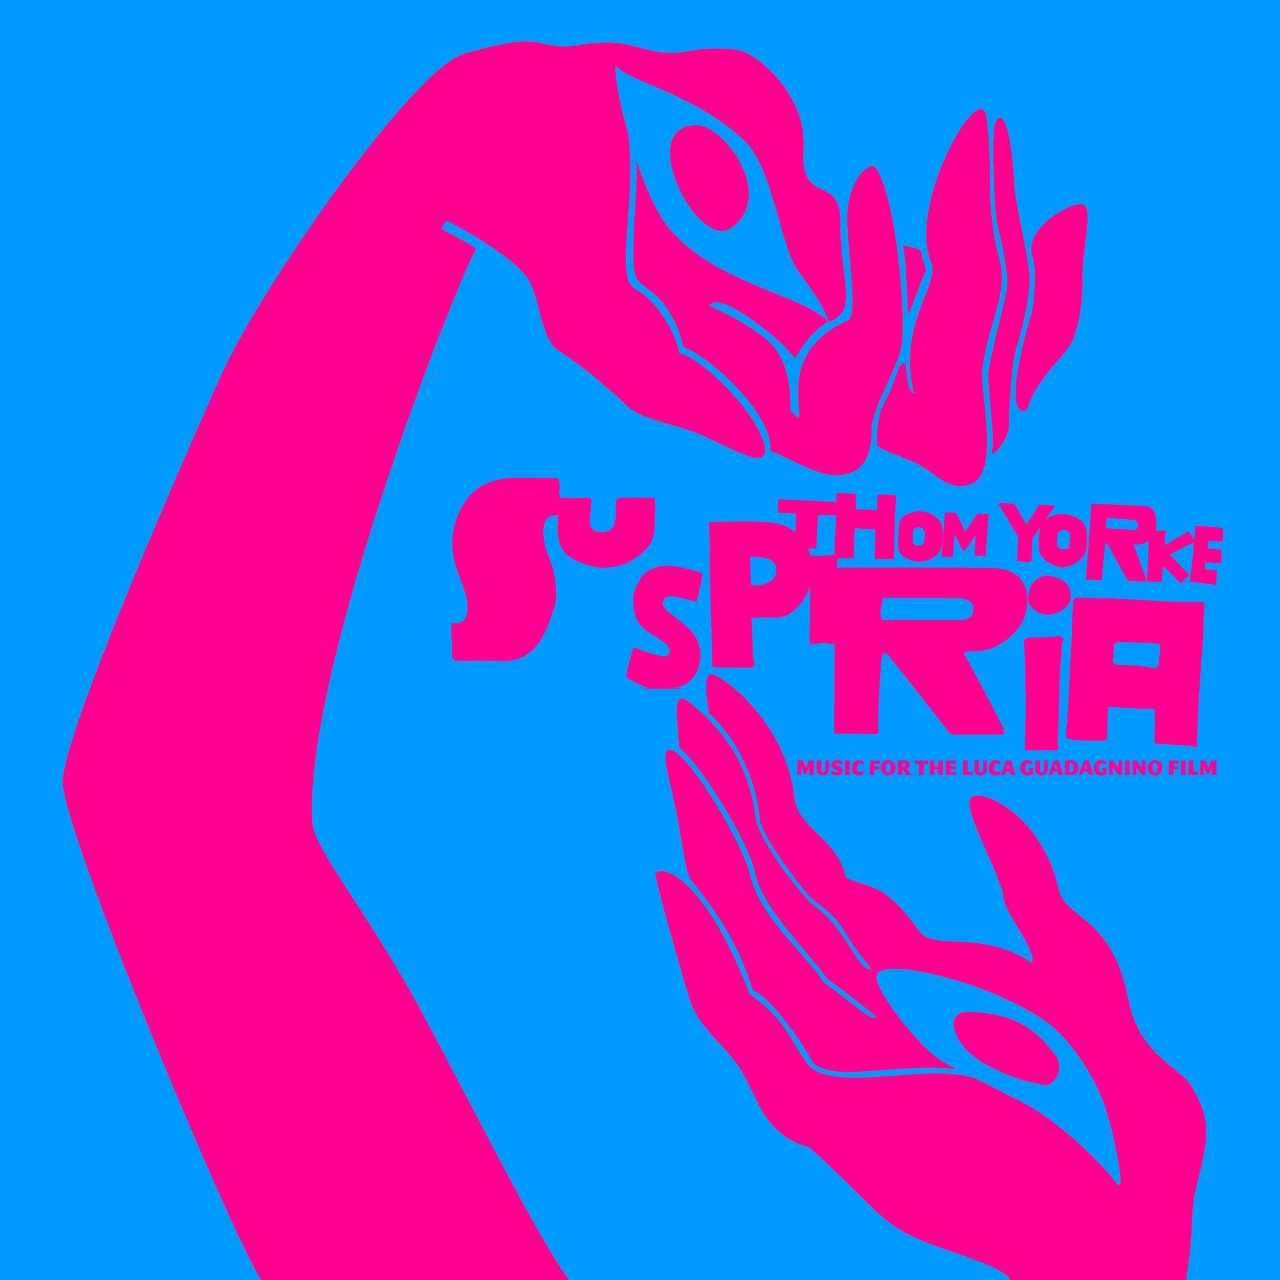 Thom Yorke Suspiria soundtrack details